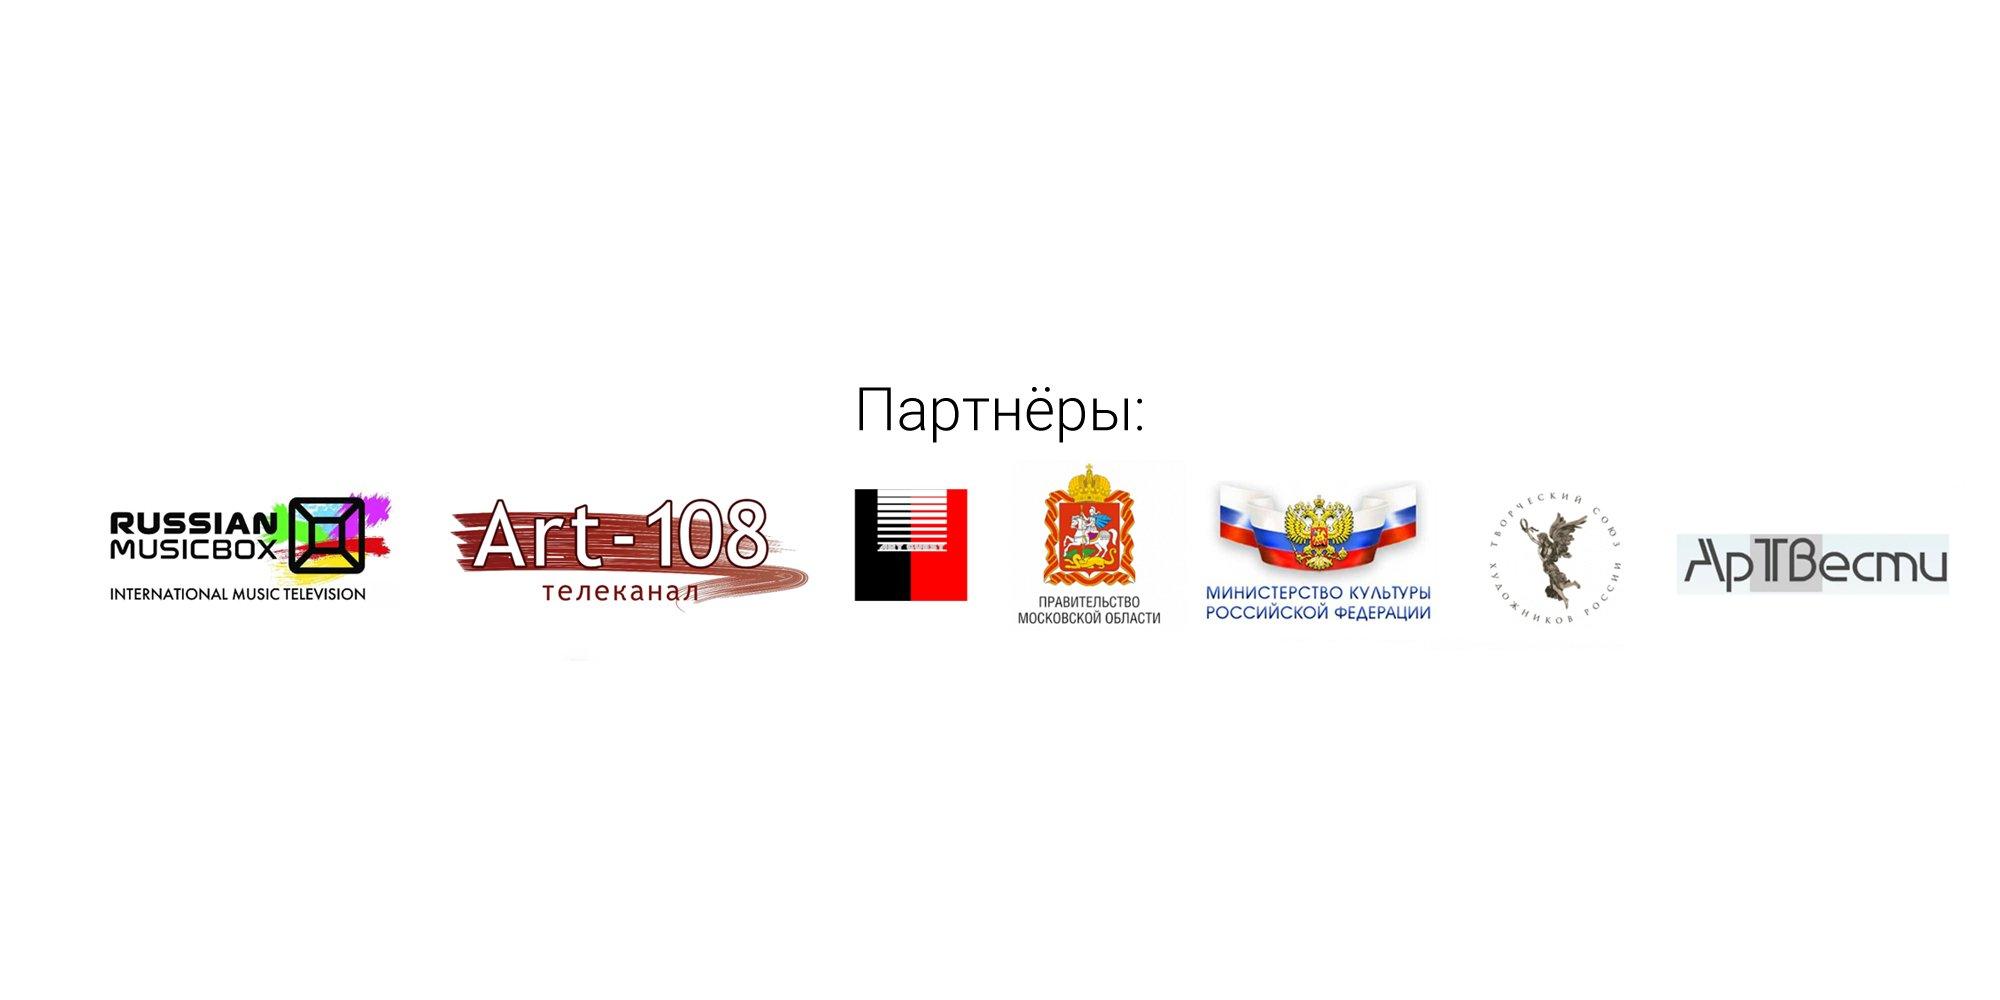 Podderzhka-iz-slajdera6-4